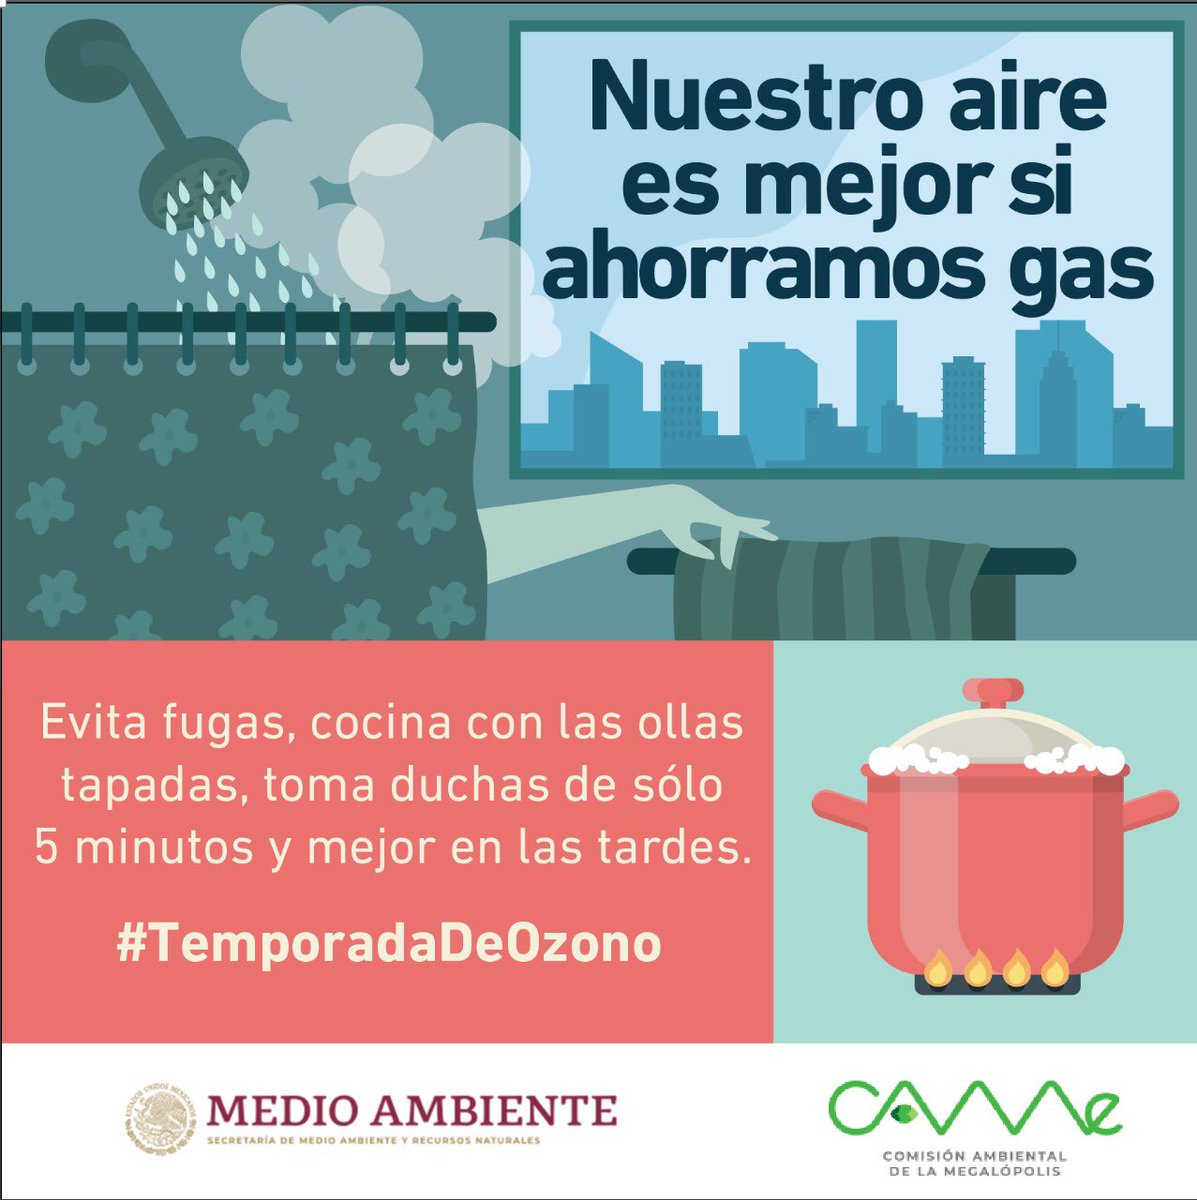 Durante la #TemporadaDeOzono, nuestro aire es mejor si ahorramos gas en casa. #QuédateEnCasa